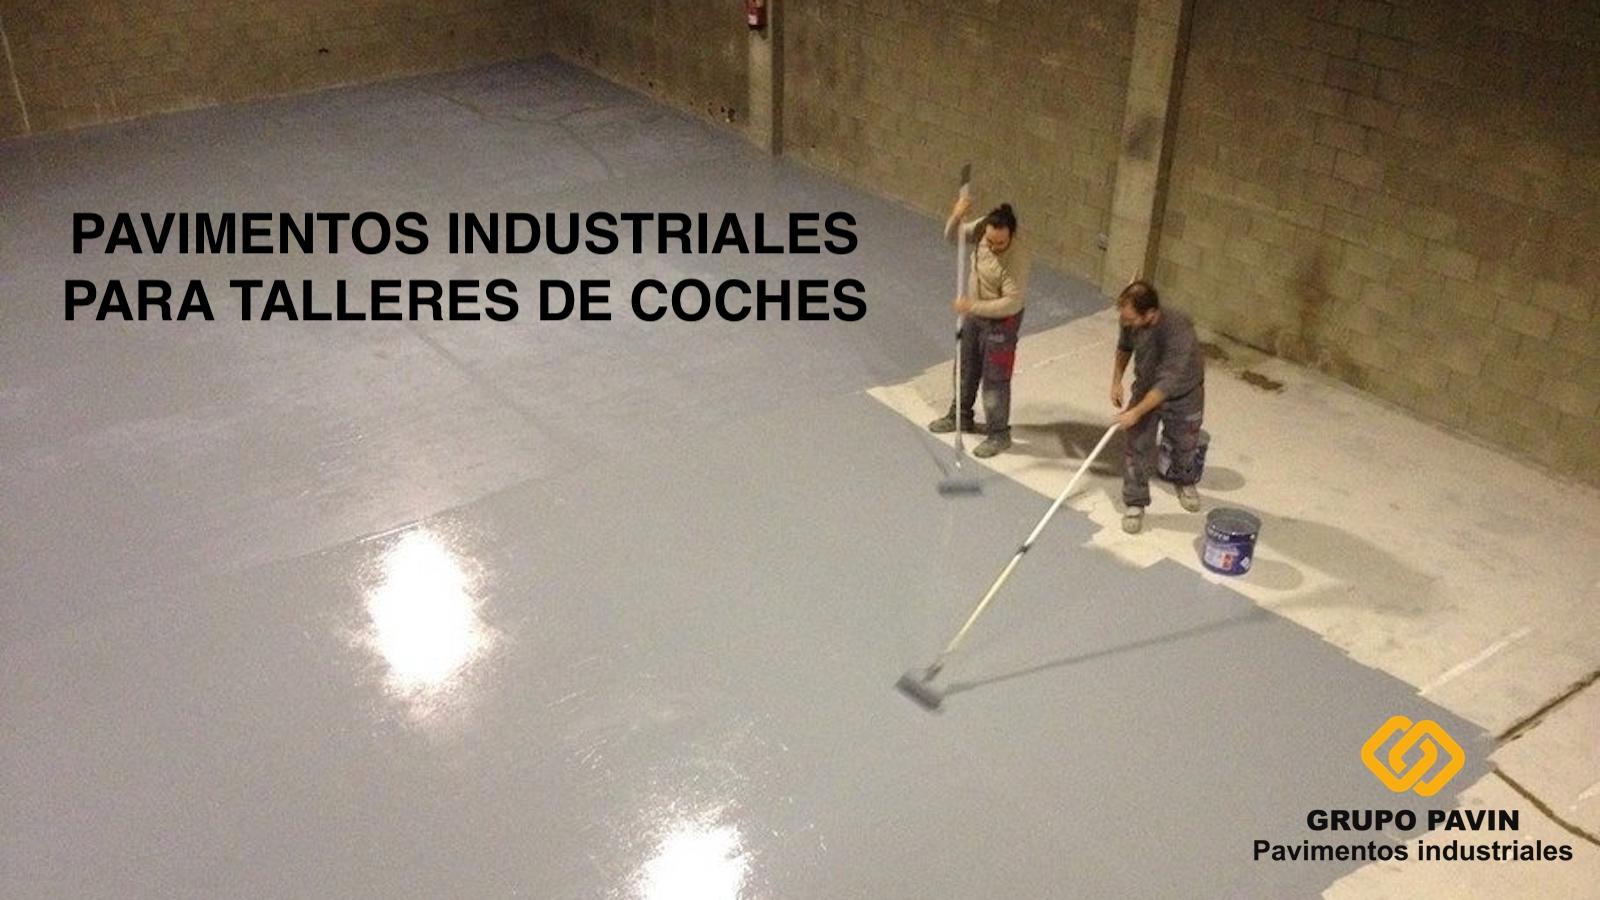 GRUPO PAVIN - Suelos y pavimentos industriales   Nave taller coches